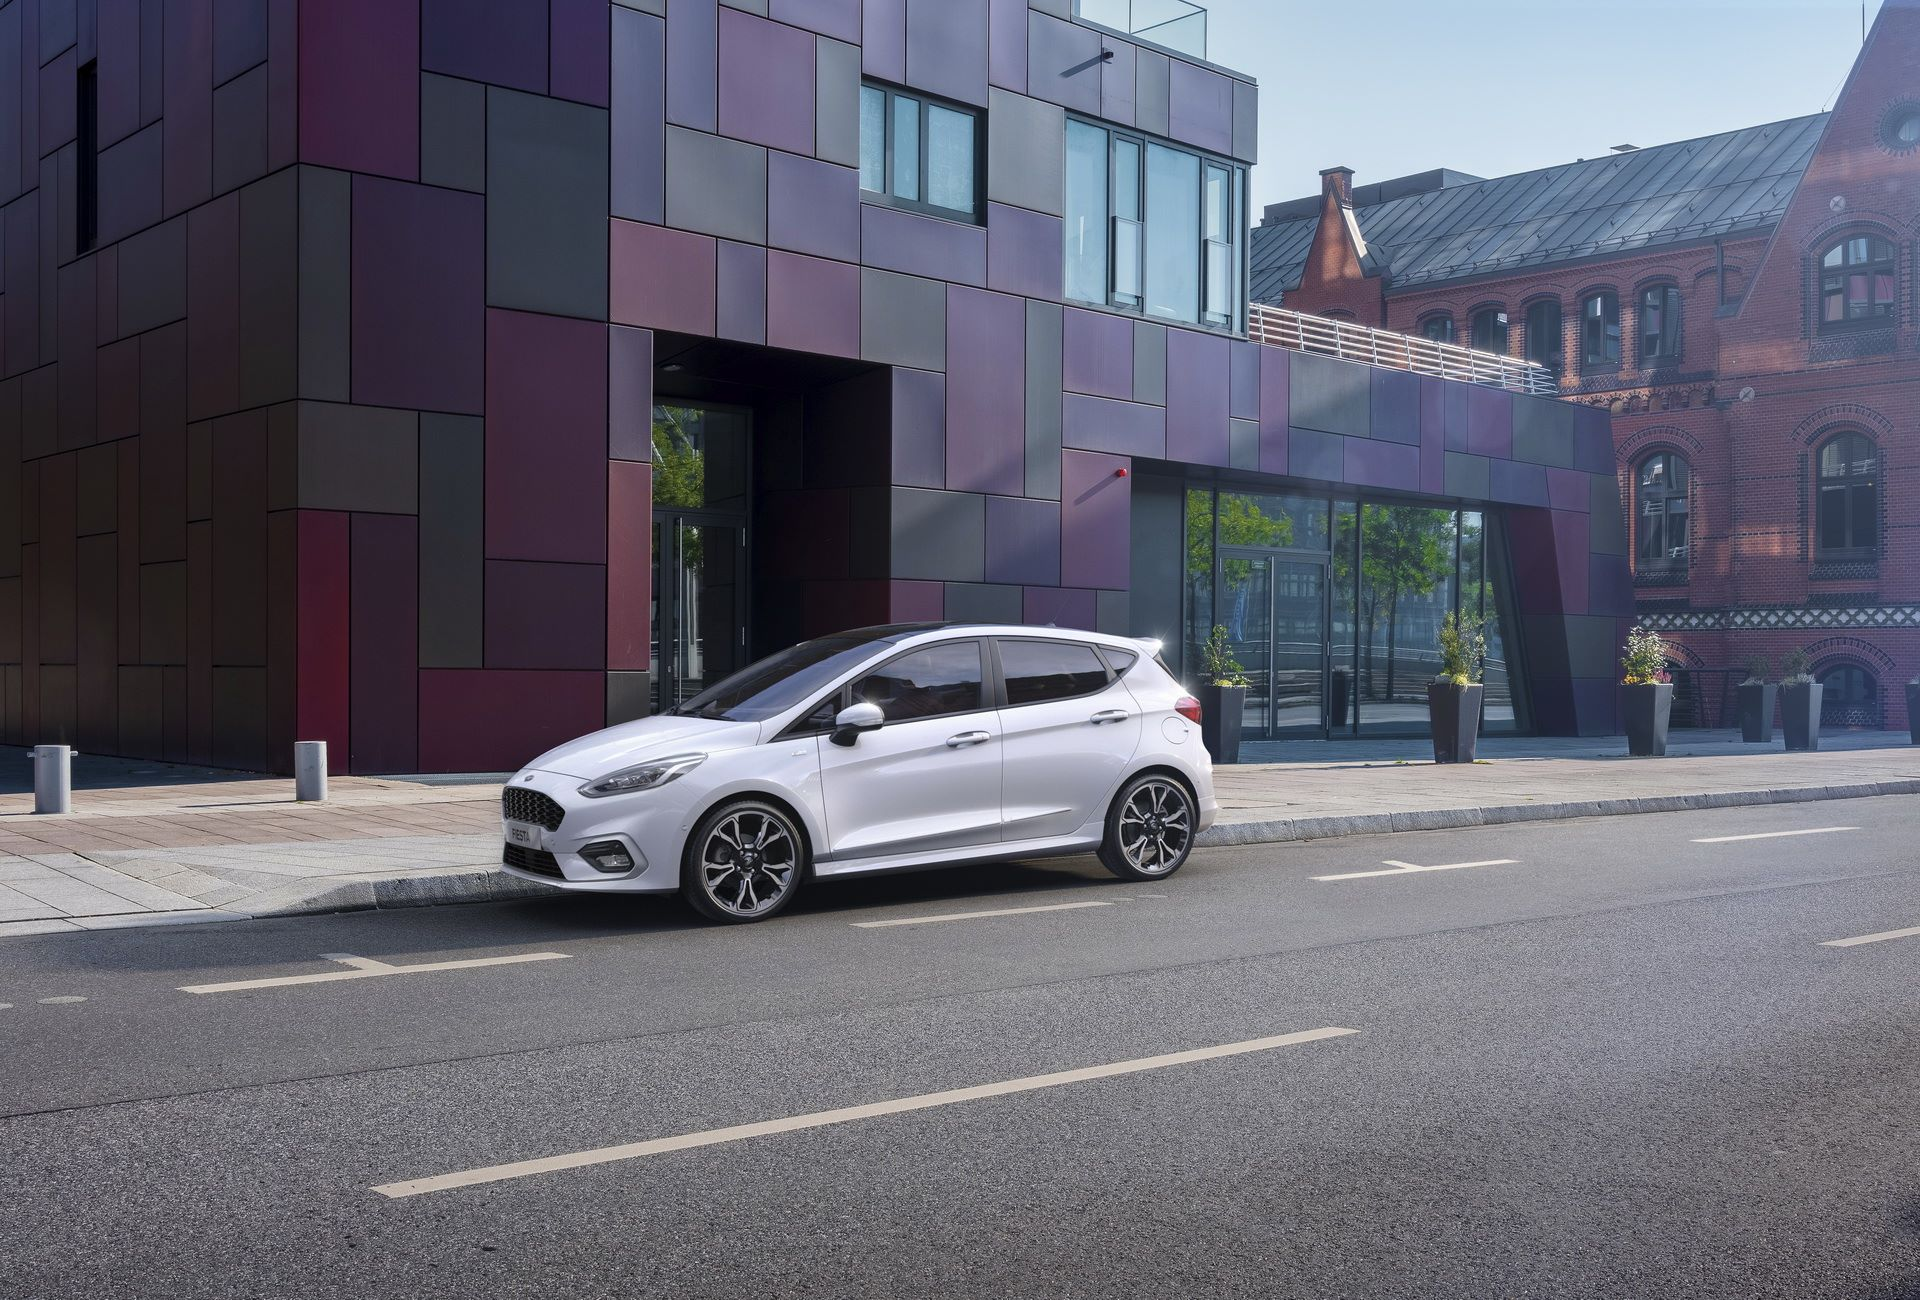 Ford-Fiesta-Fiesta-Van-Mild-Hybrid-2